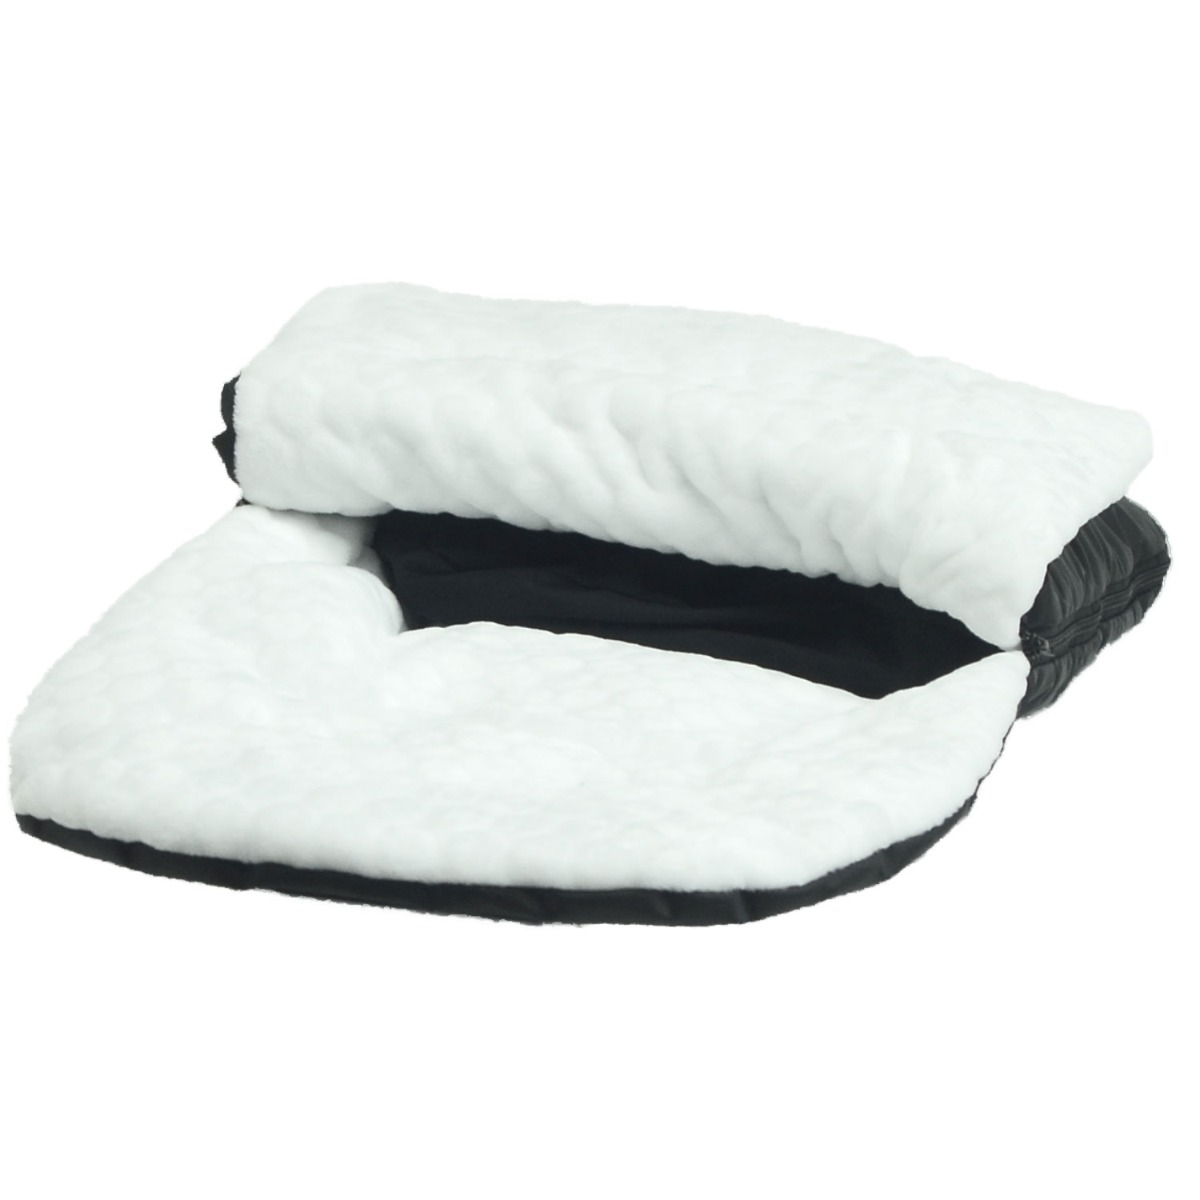 Marshmallow Footmuff White Cosy Toes Compatible with Venicci Valdi